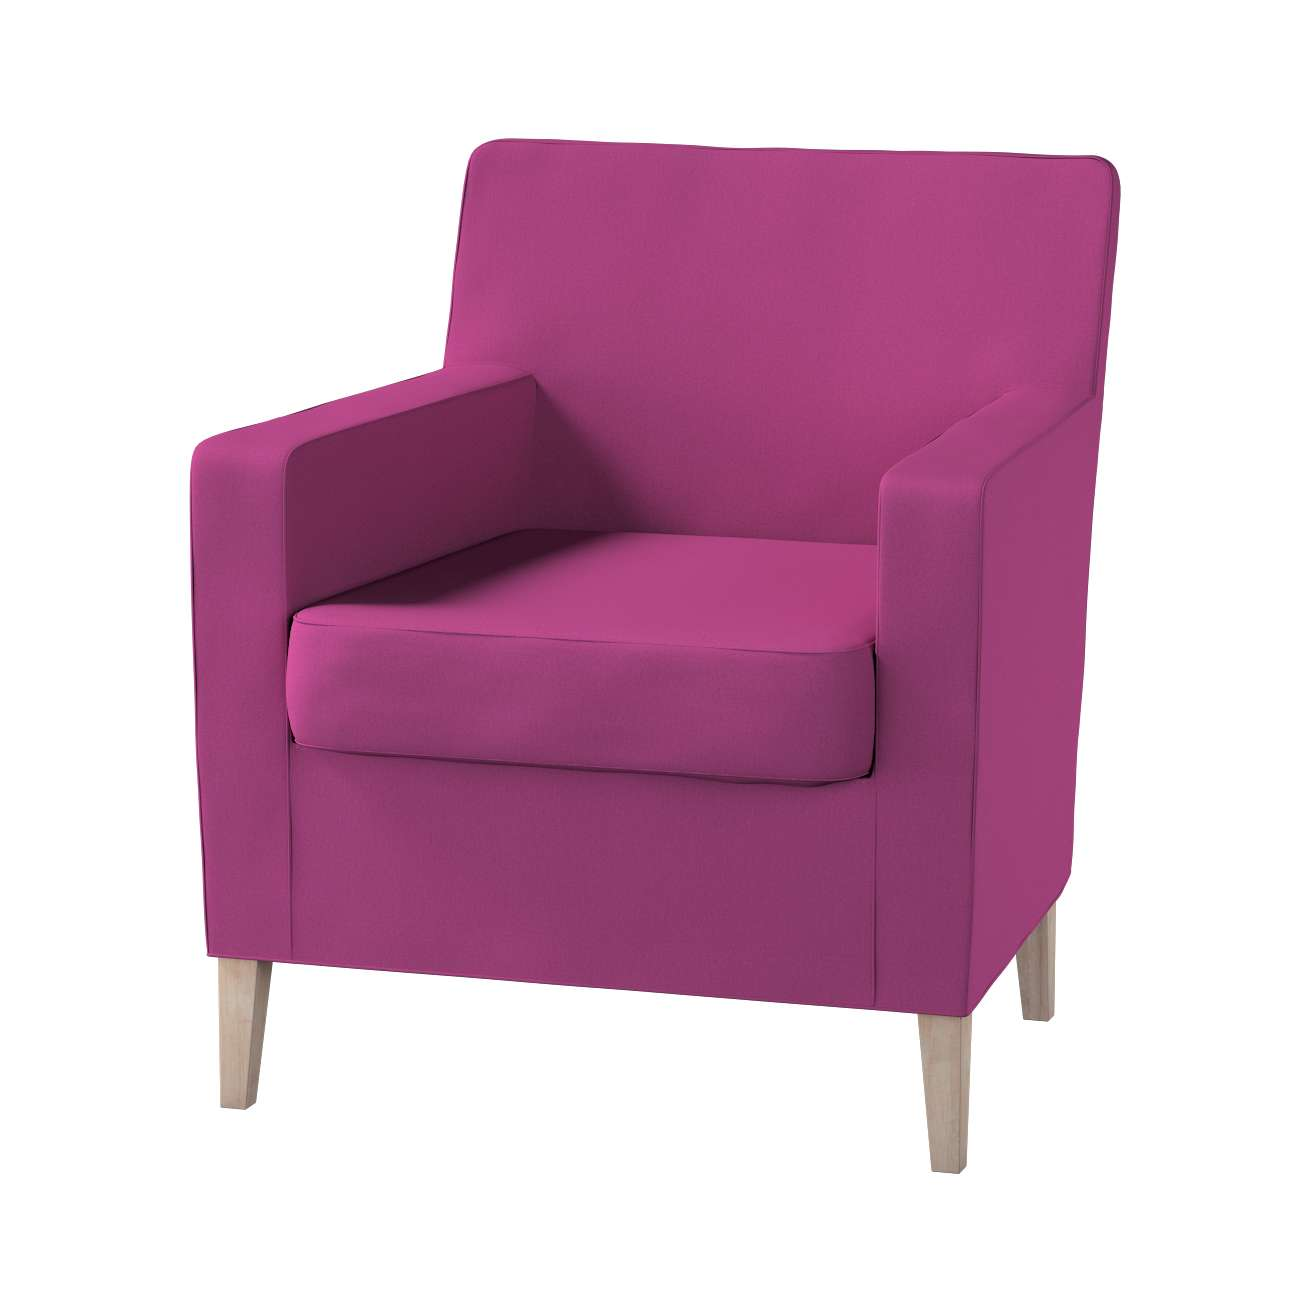 Karlstad fotelio-kėdės užvalkalas kolekcijoje Etna , audinys: 705-23